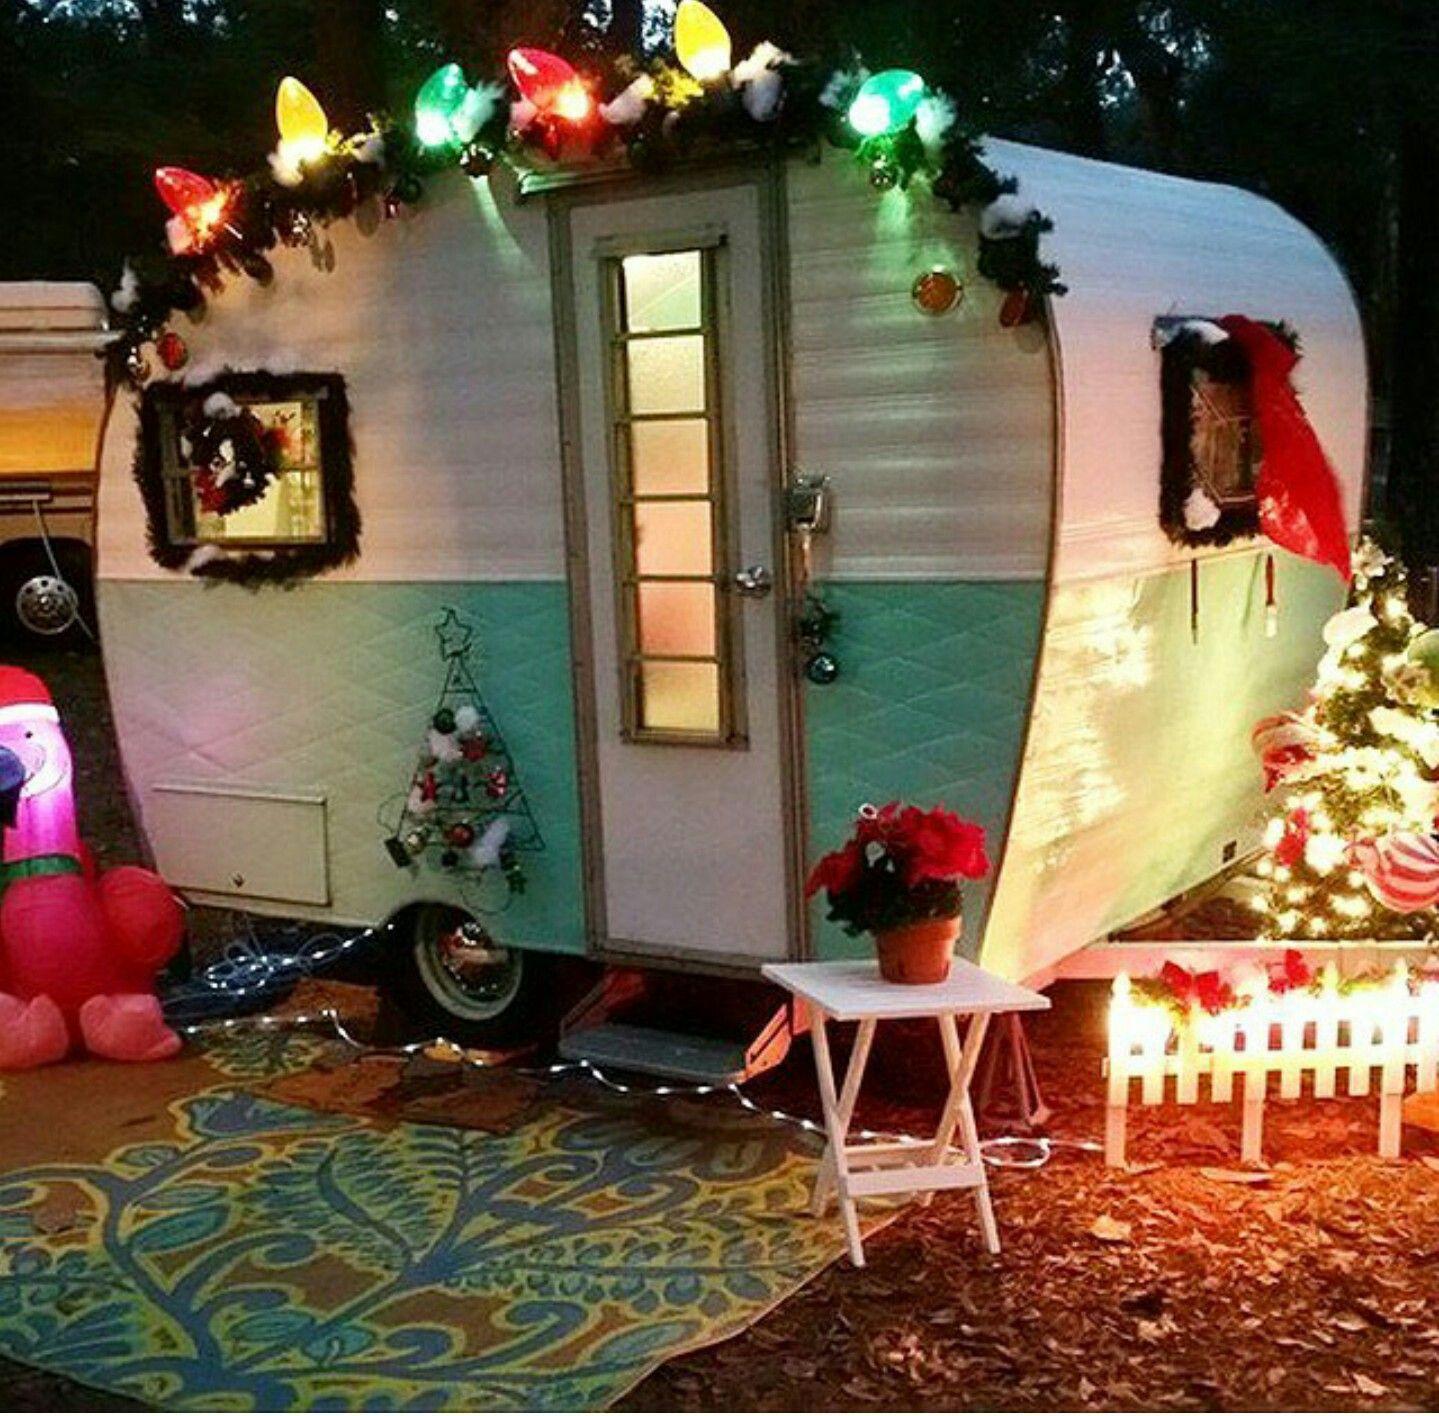 54ac070c9e13c156f90fc4e49cdfe1d5 Decked Out Mobile Homes on neat mobile homes, for rent mobile homes, home improvement mobile homes, hgtv mobile homes, laid out mobile homes,